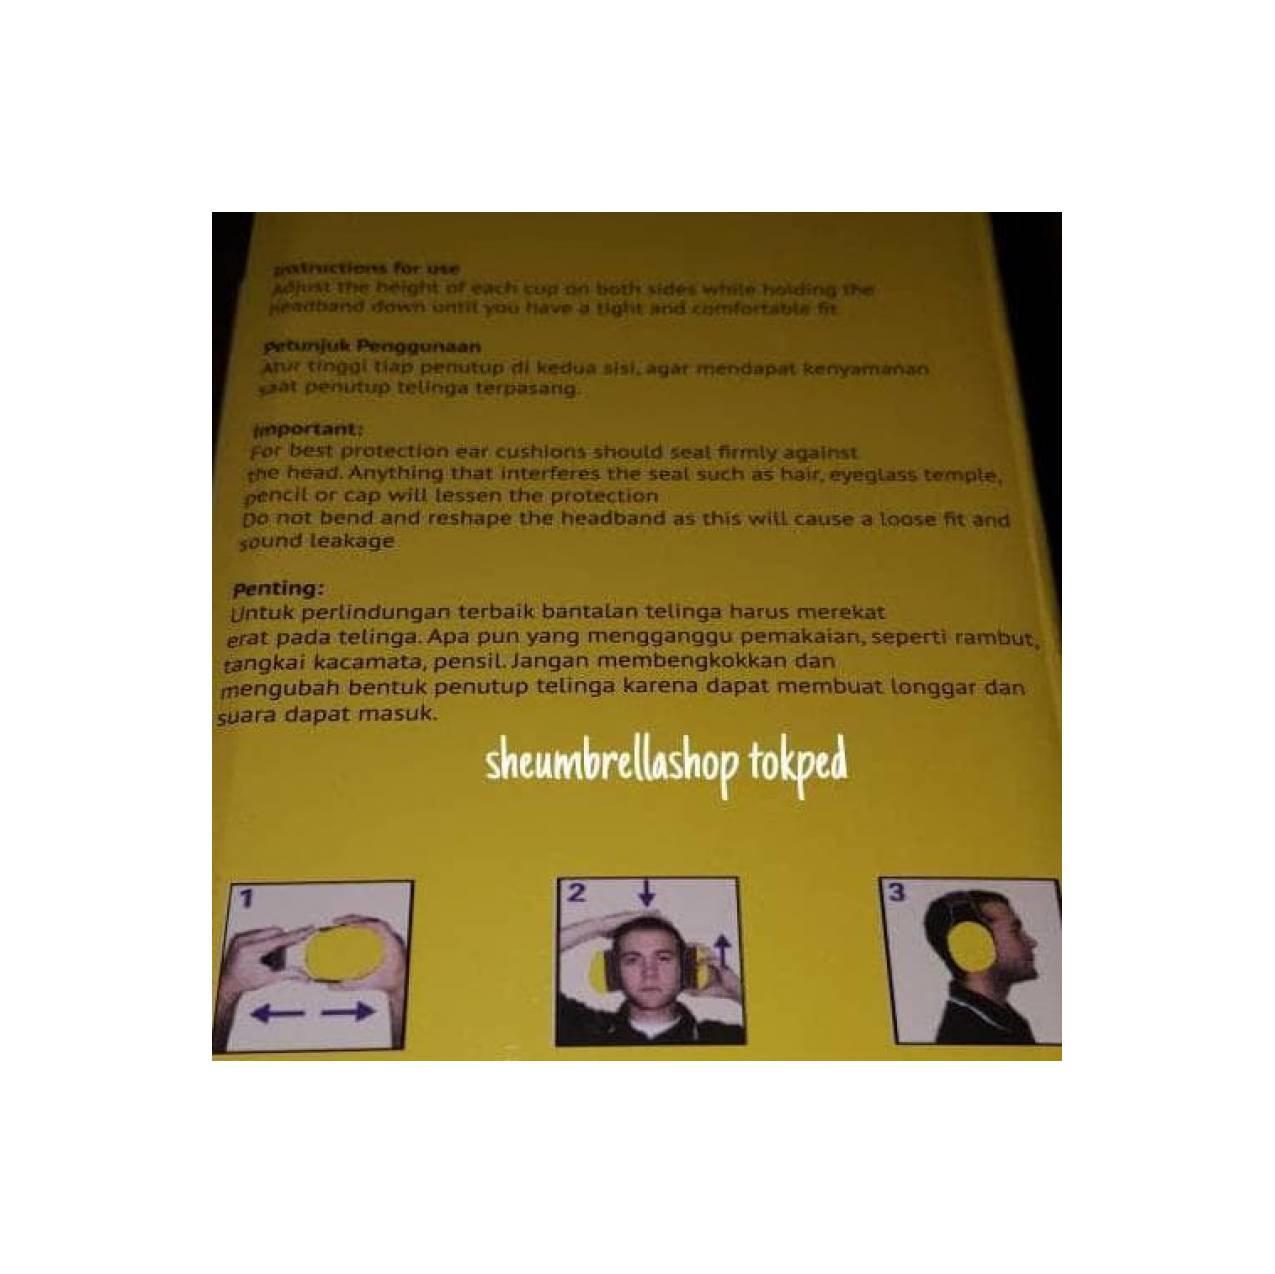 Jual Earmuff Krisbow 35Db / Pelindung Telinga / Headphone Anti Bising